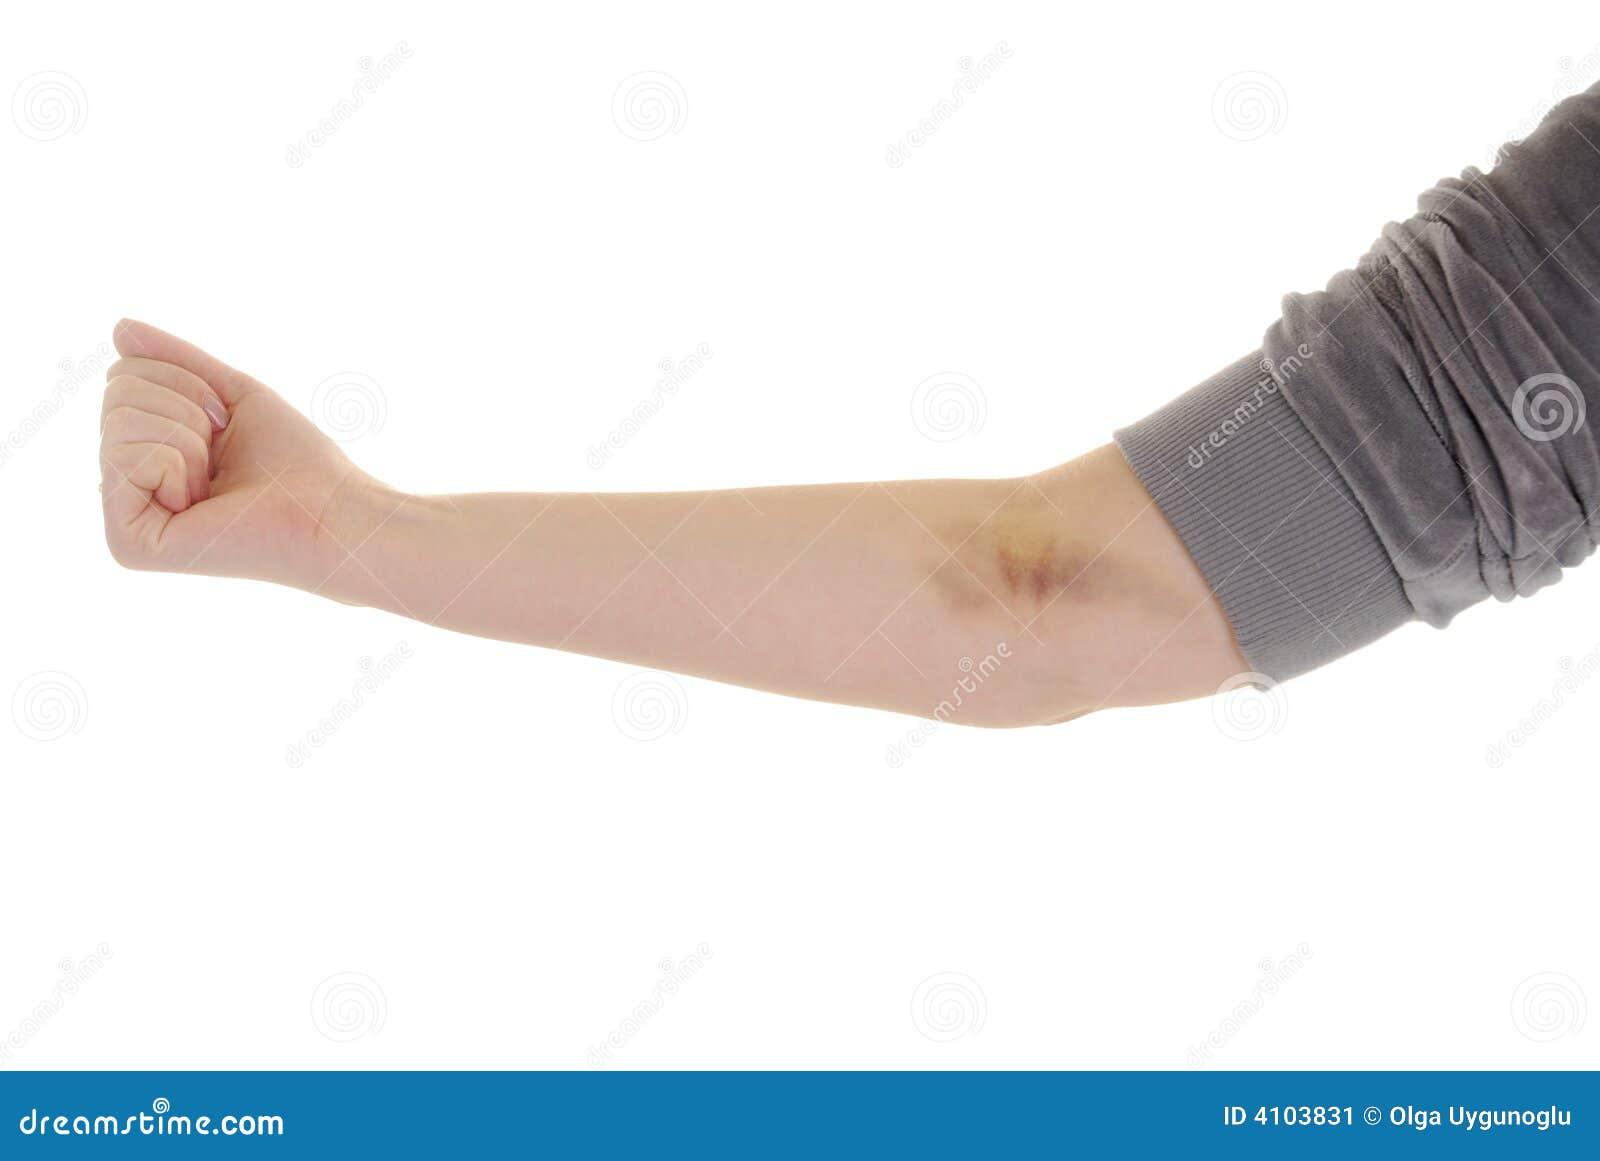 Hand met kneuzing